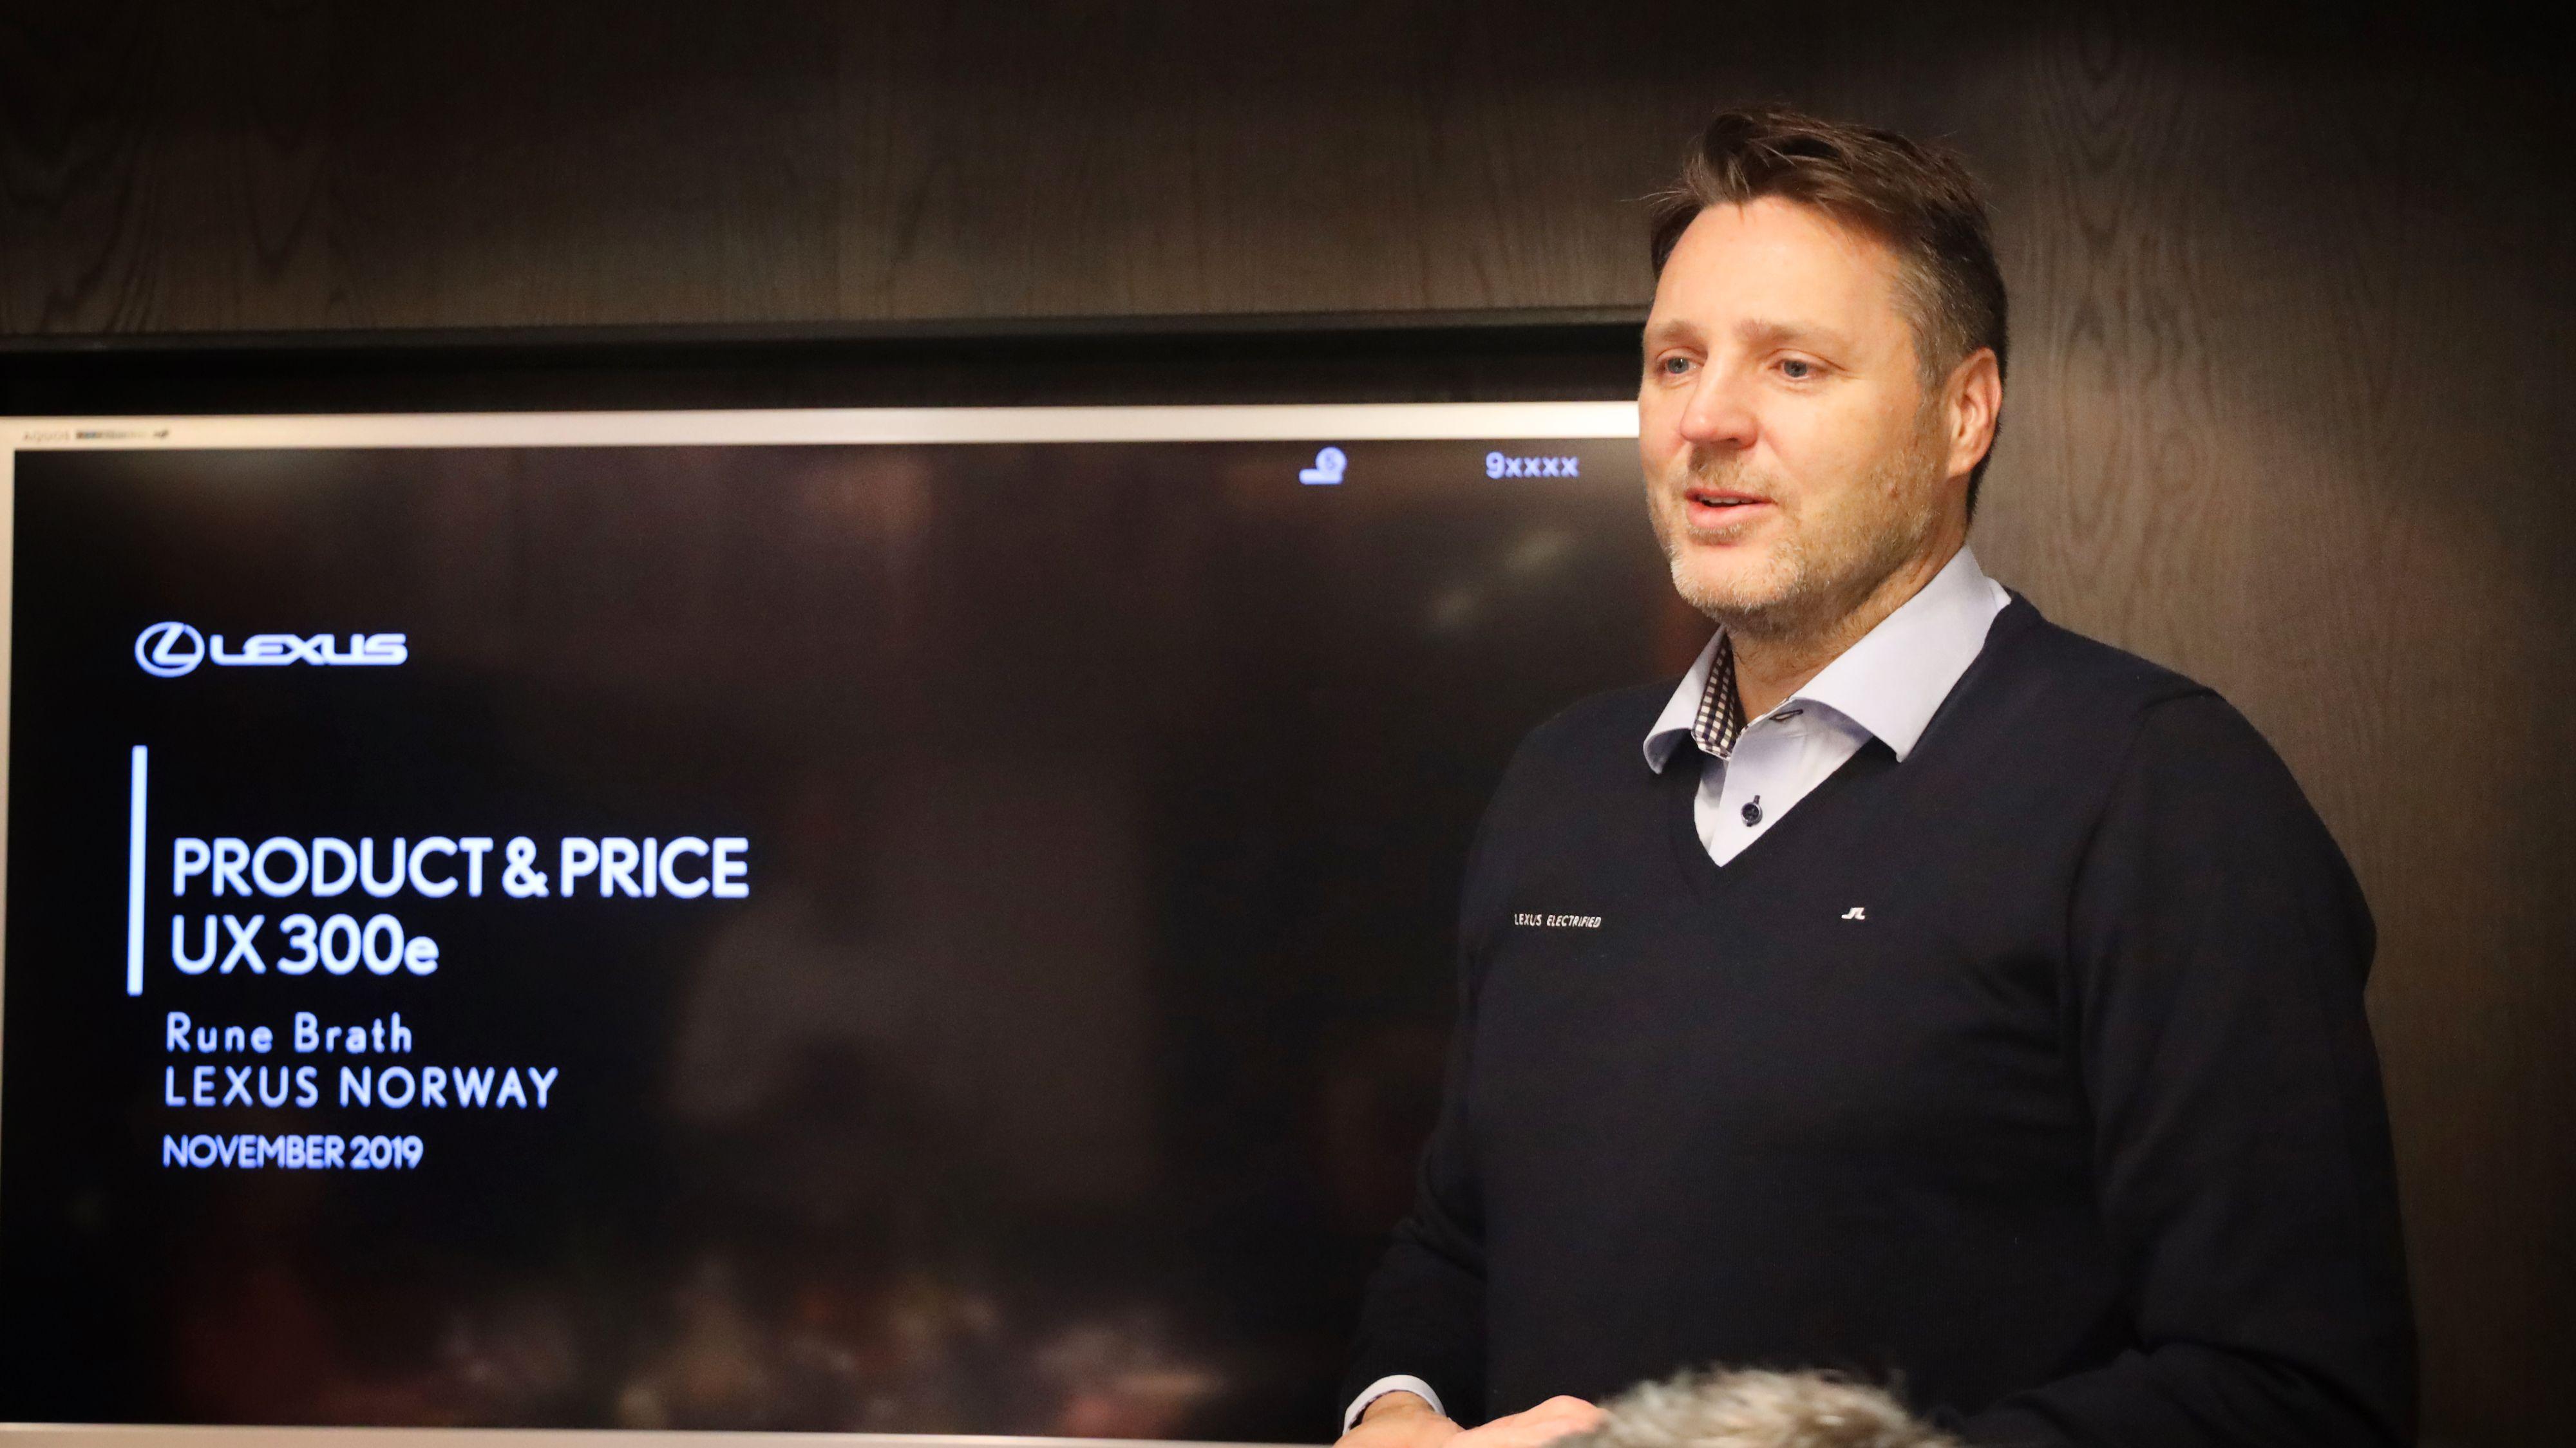 Rune Brath i Lexus Norge sier de kan garantere å levere 1000 biler før utgangen av 2020.